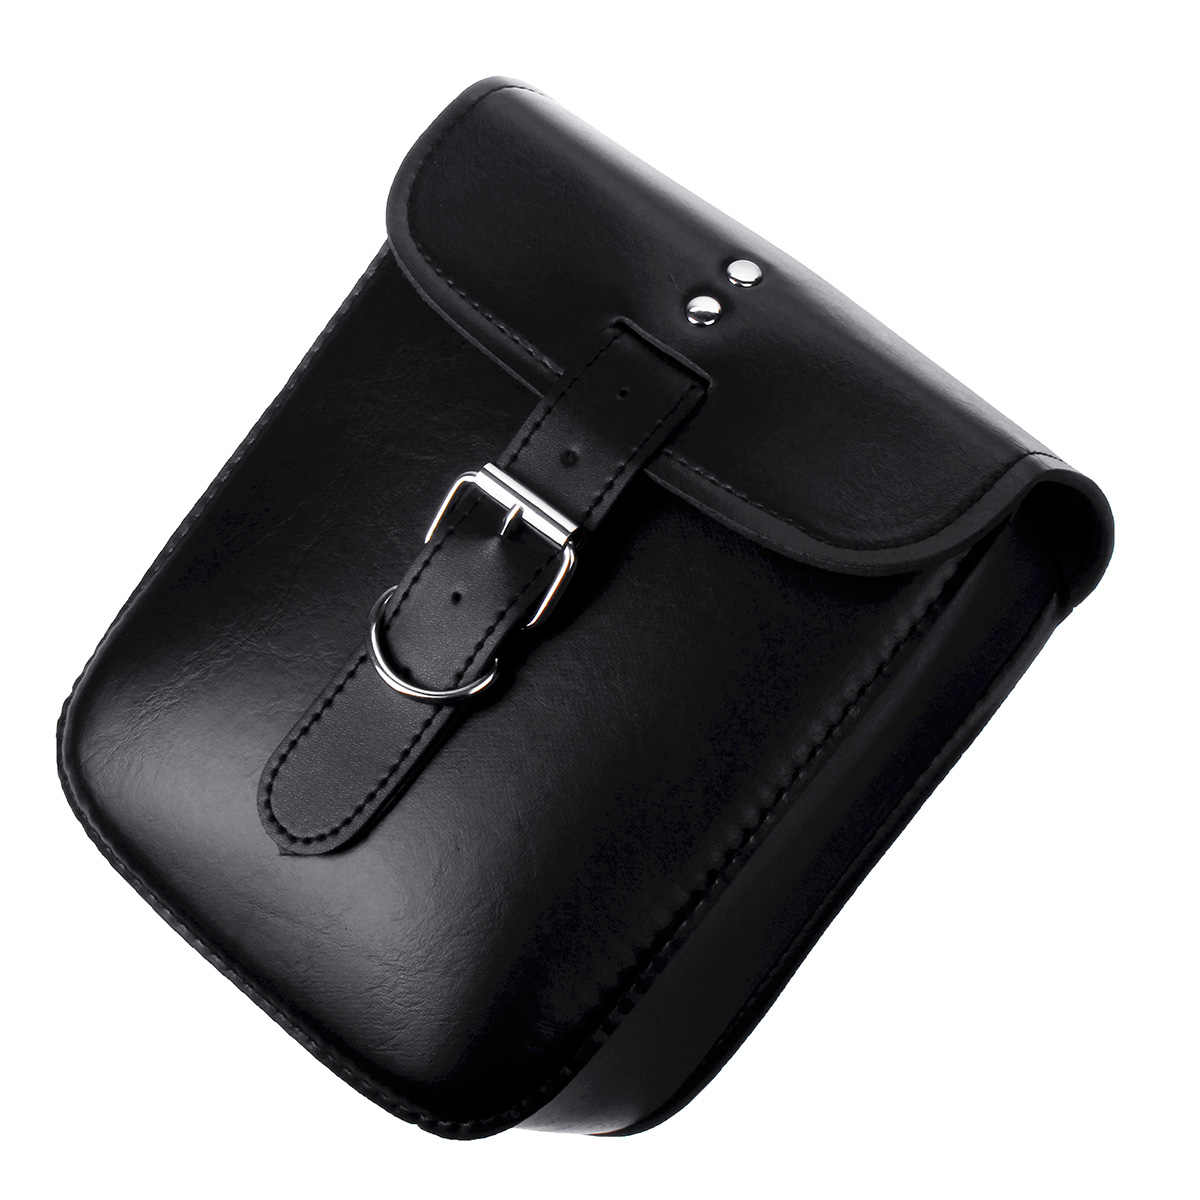 Universal Negro PU cuero motocicleta impermeable viaje herramienta bolsas maleta alforjas de equipaje para Honda/Kawaki/Suzuki